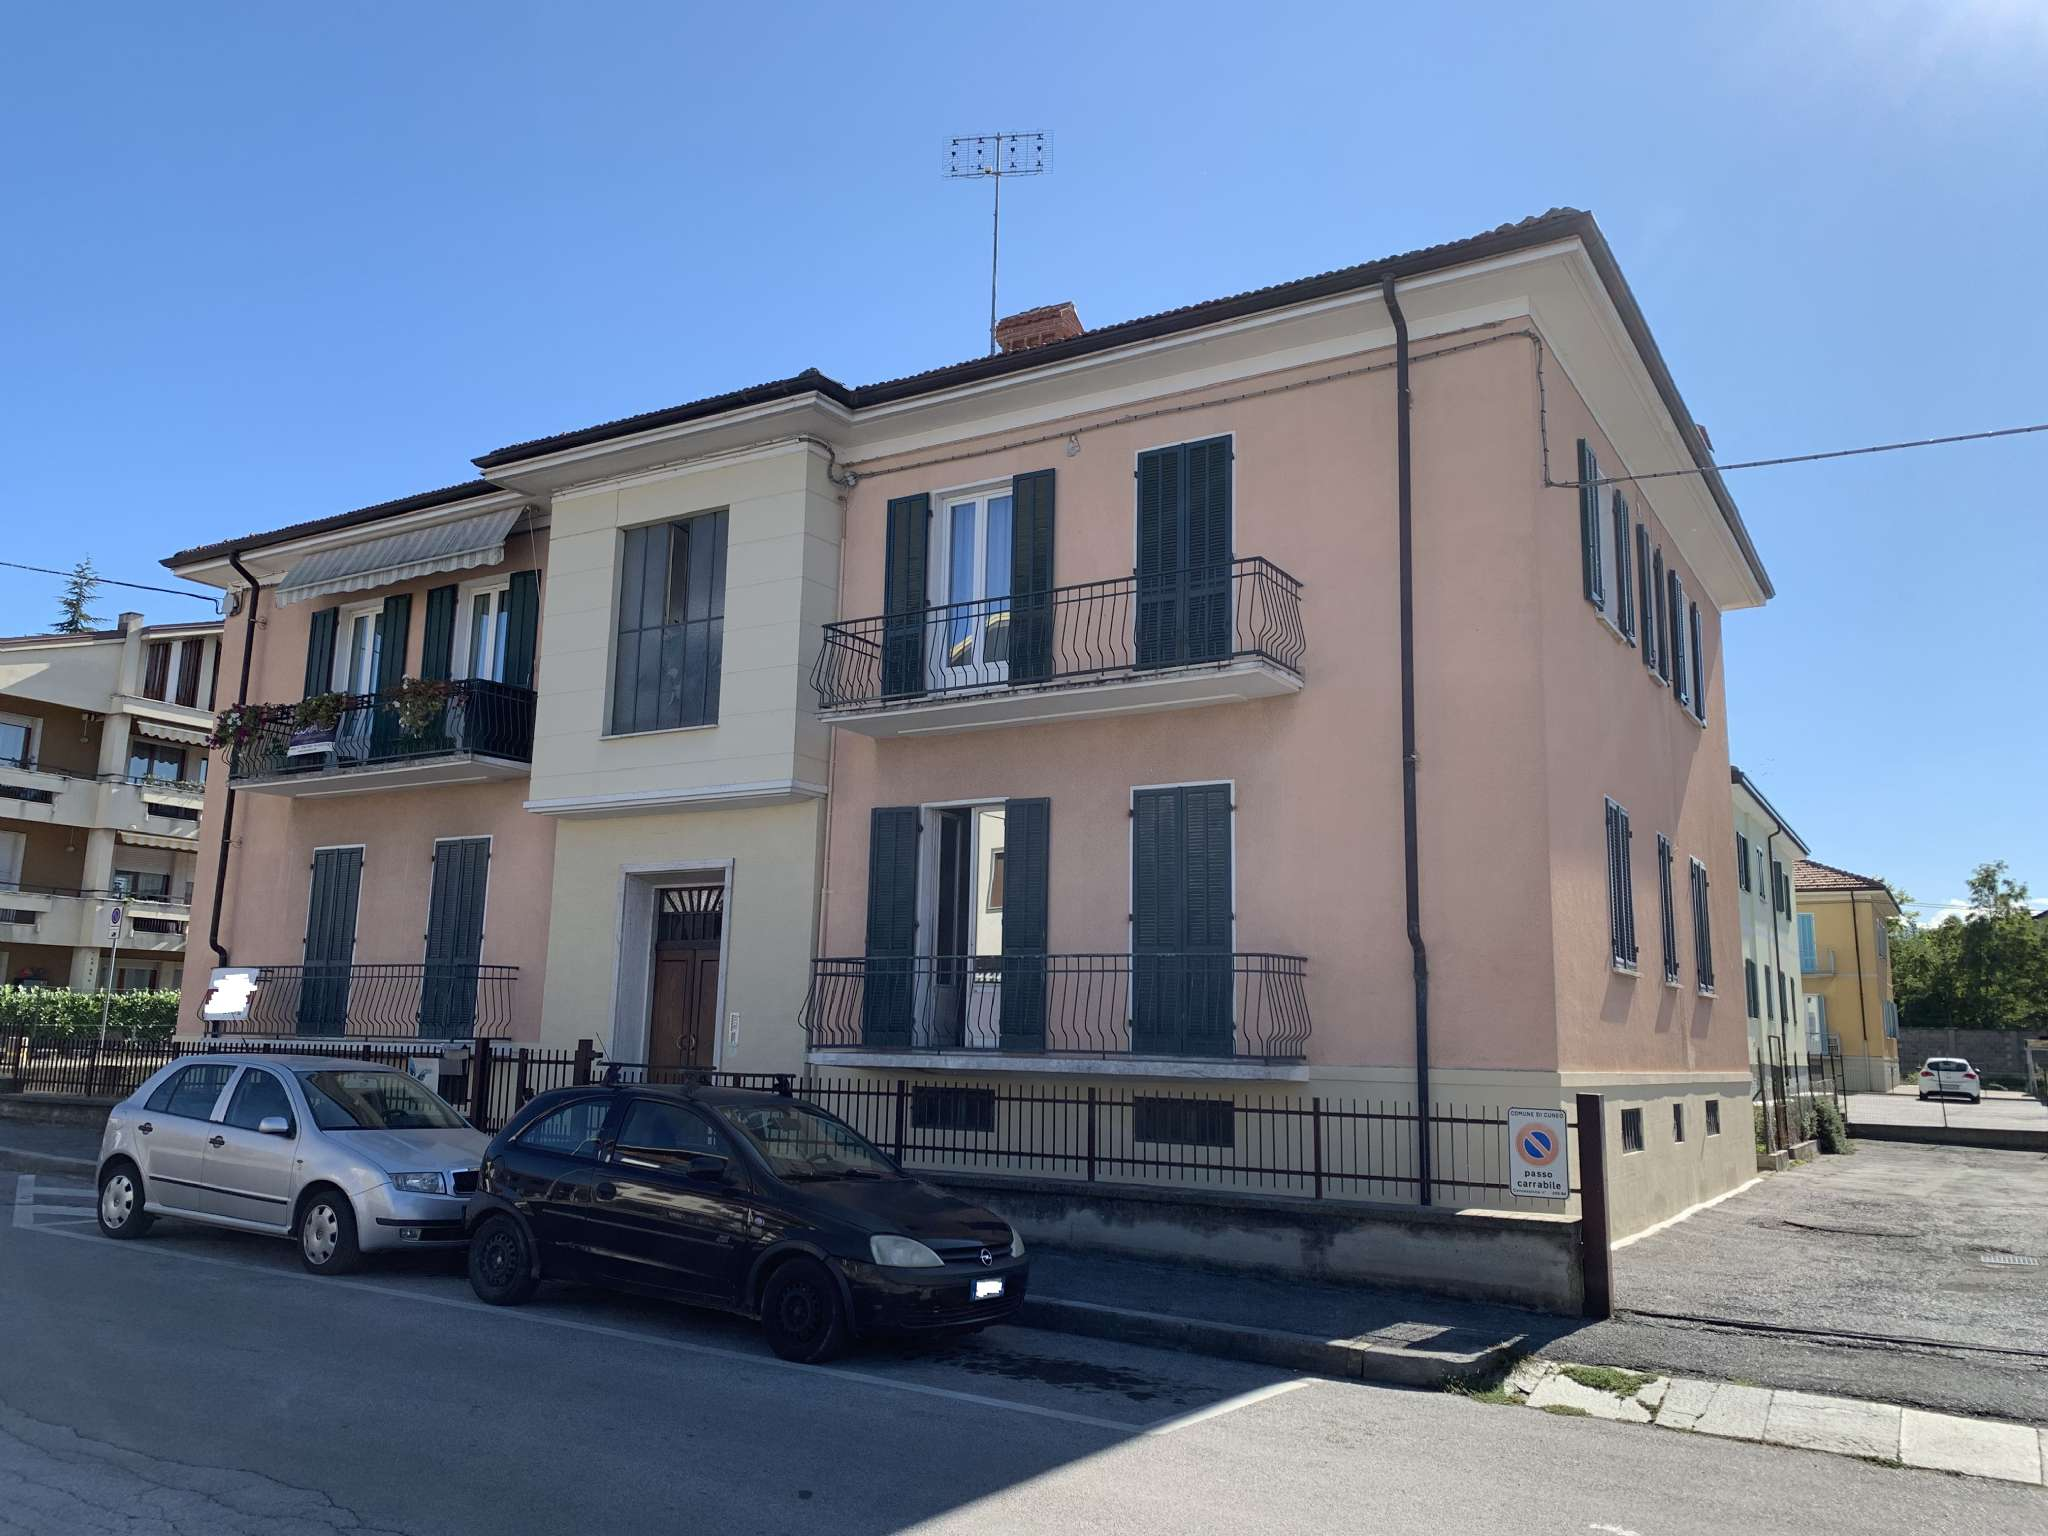 Appartamento in vendita a Cuneo, 3 locali, prezzo € 79.000 | CambioCasa.it